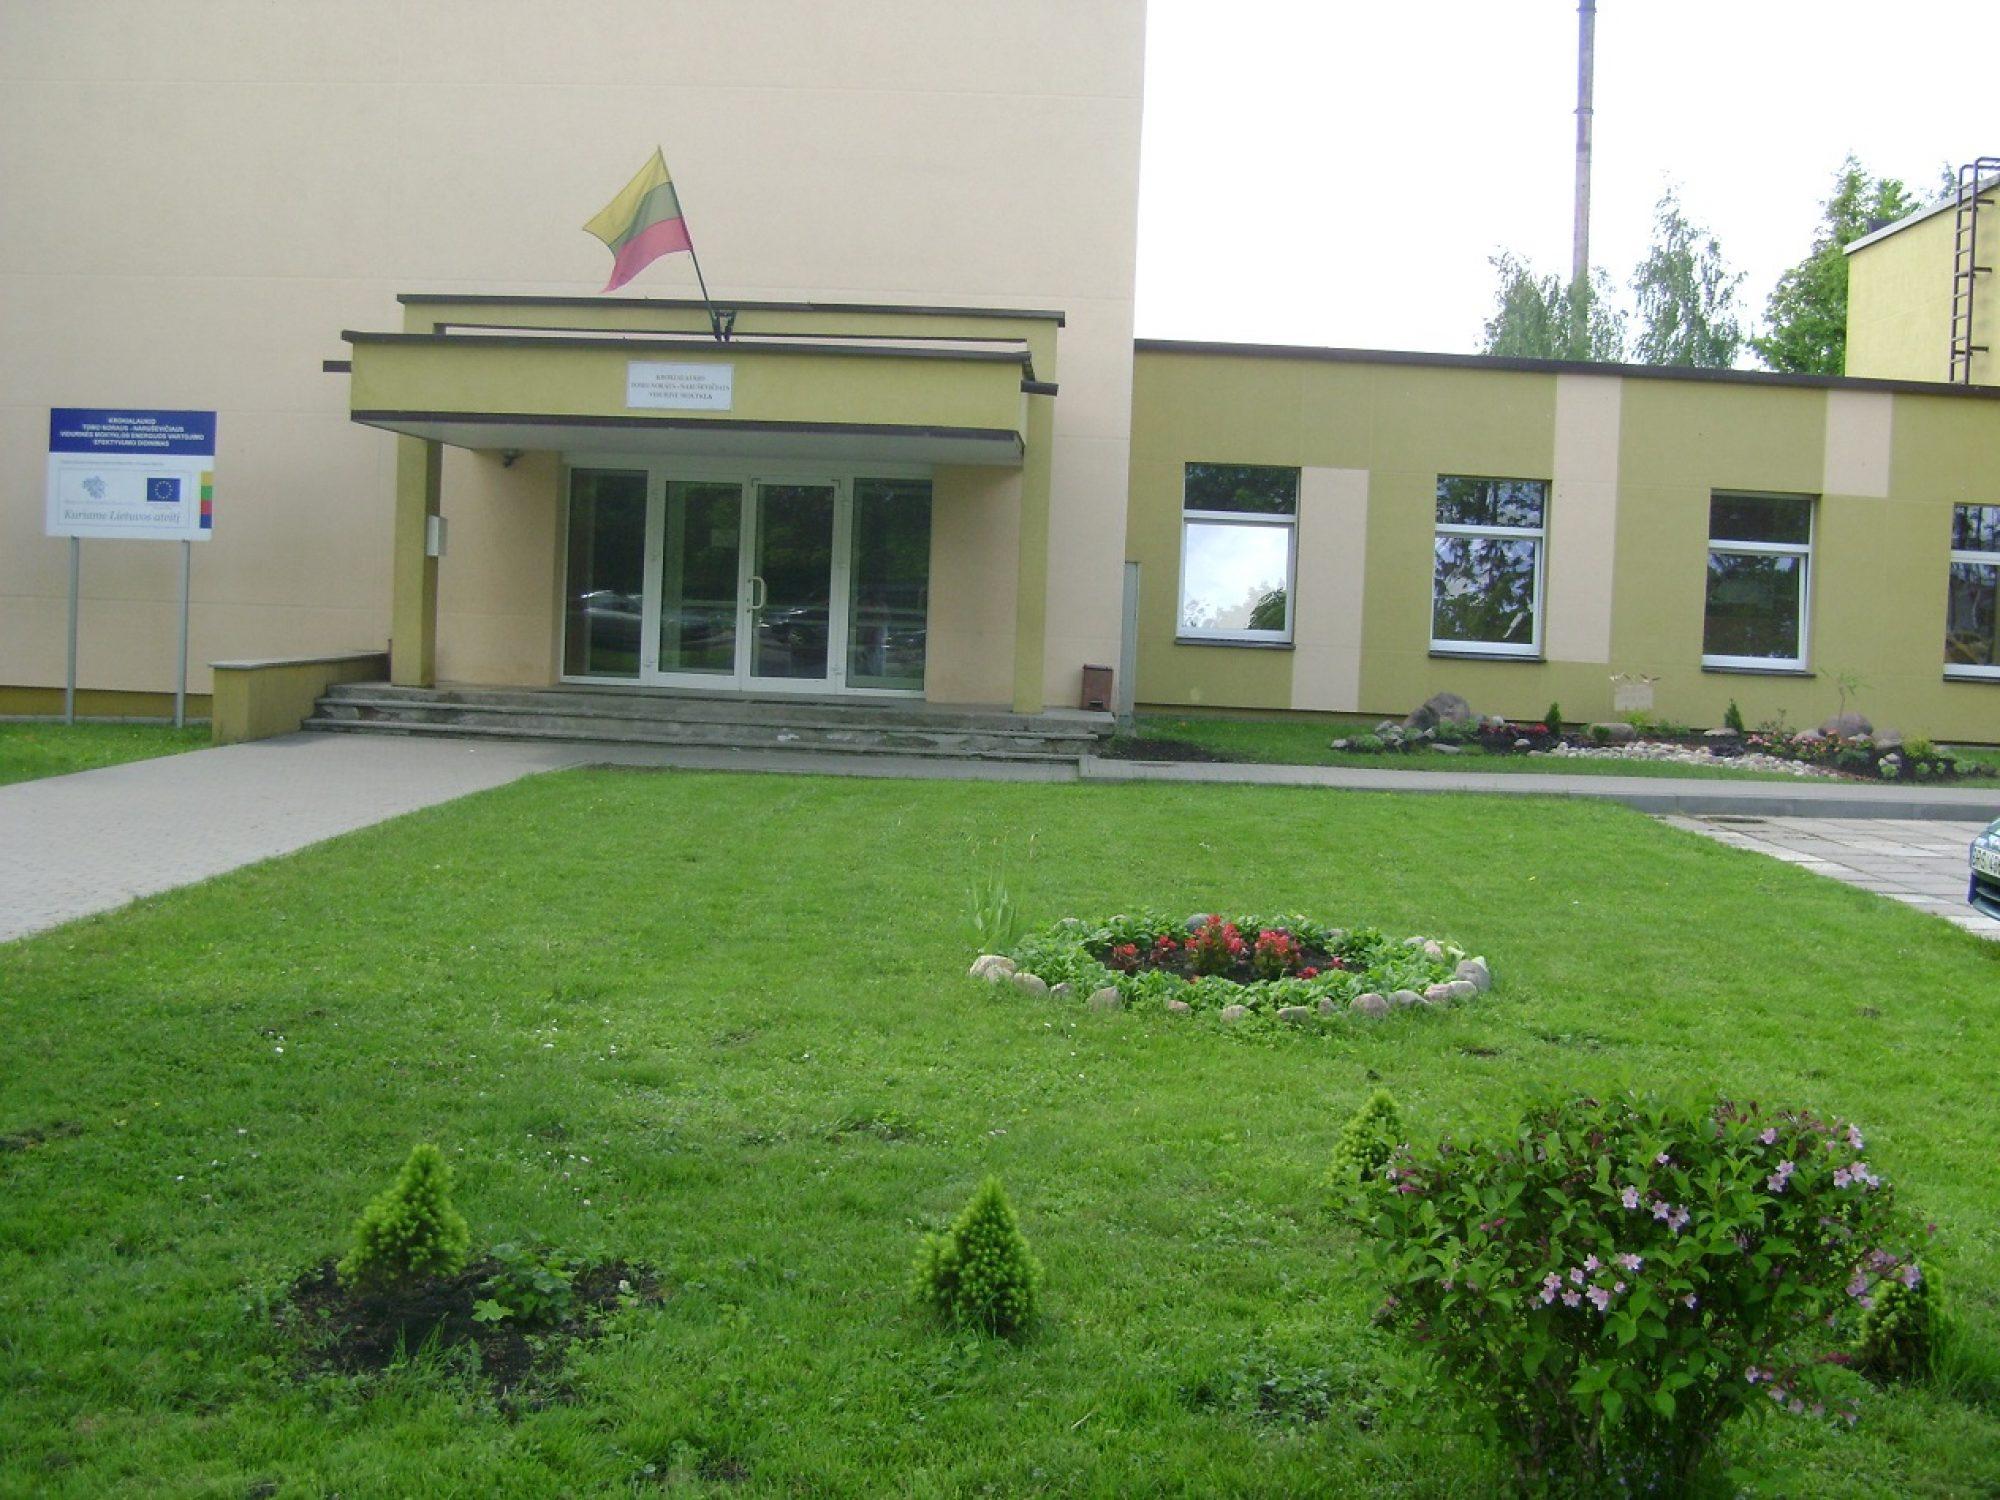 Alytaus r. Krokialaukio Tomo Noraus-Naruševičiaus gimnazija